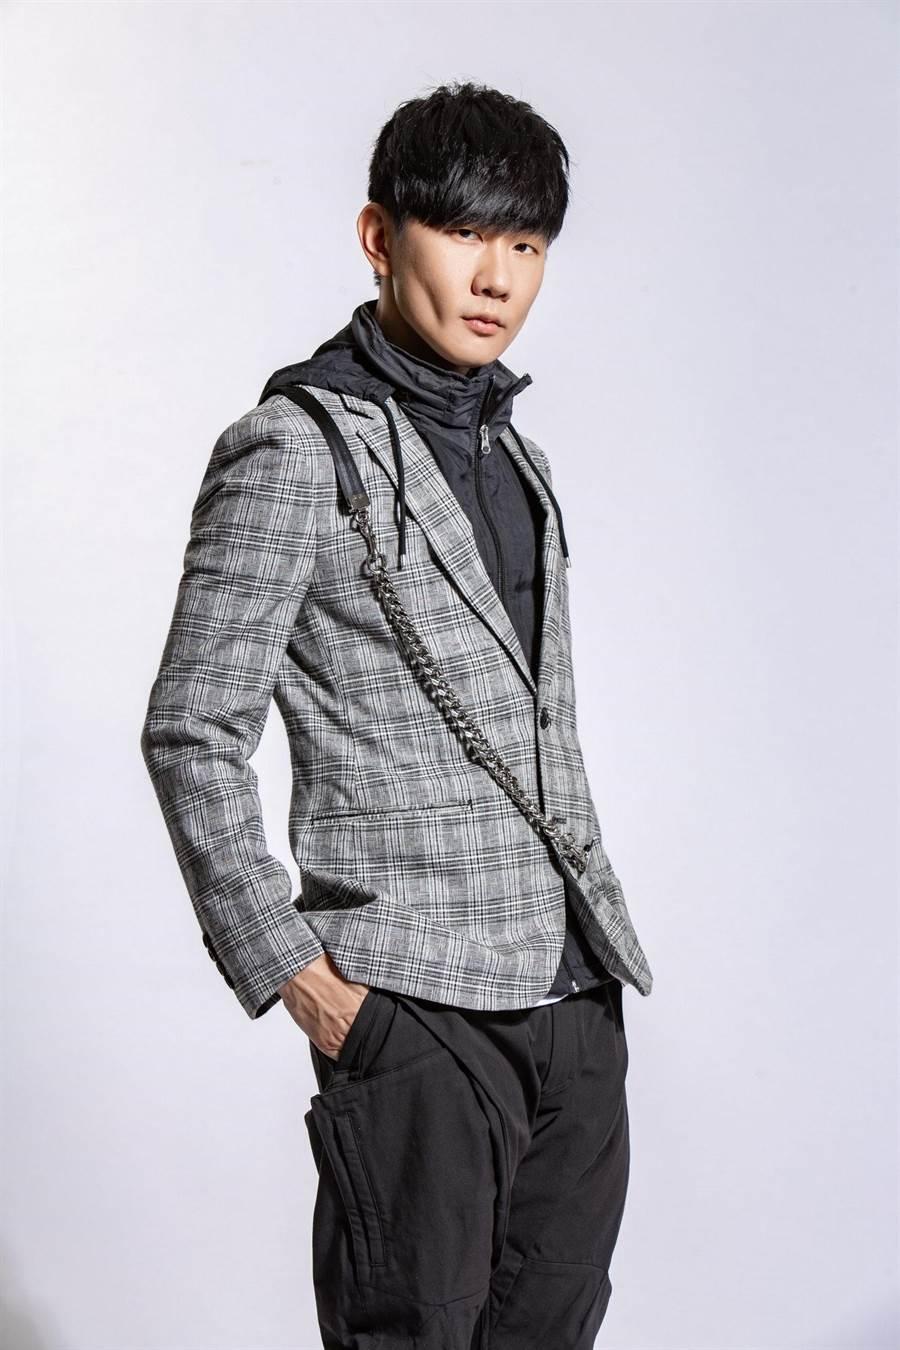 林俊傑20日凌晨推出新單曲。(JFJ Productions提供)